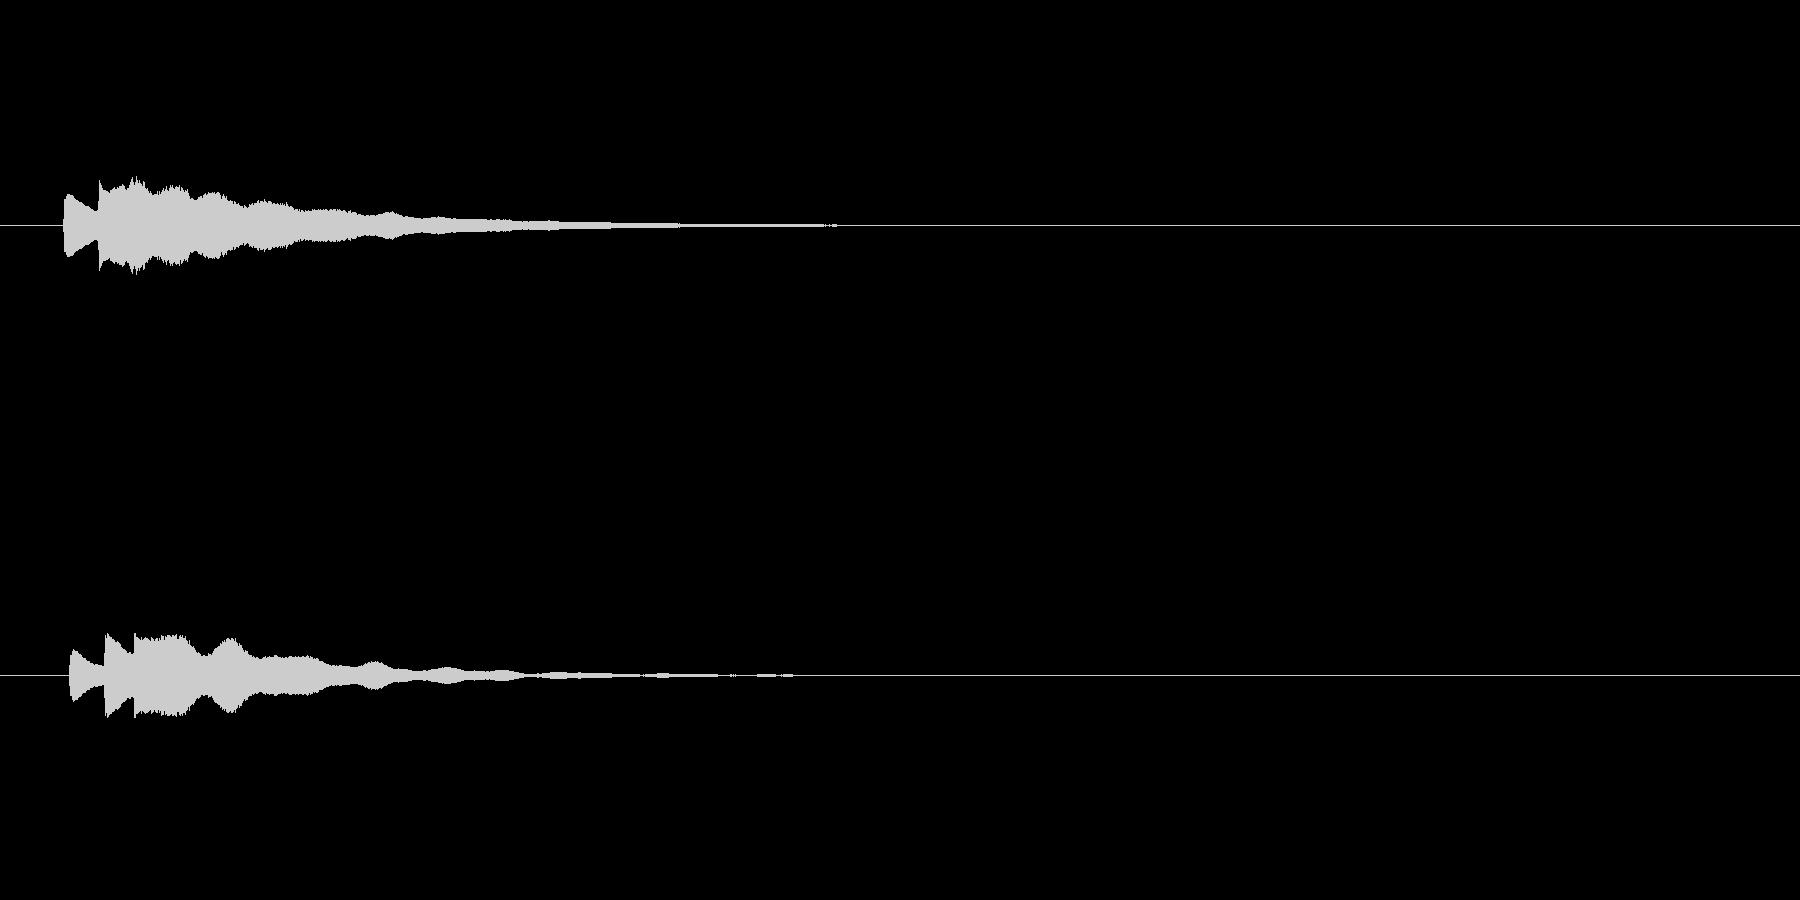 【アクセント24-1】の未再生の波形